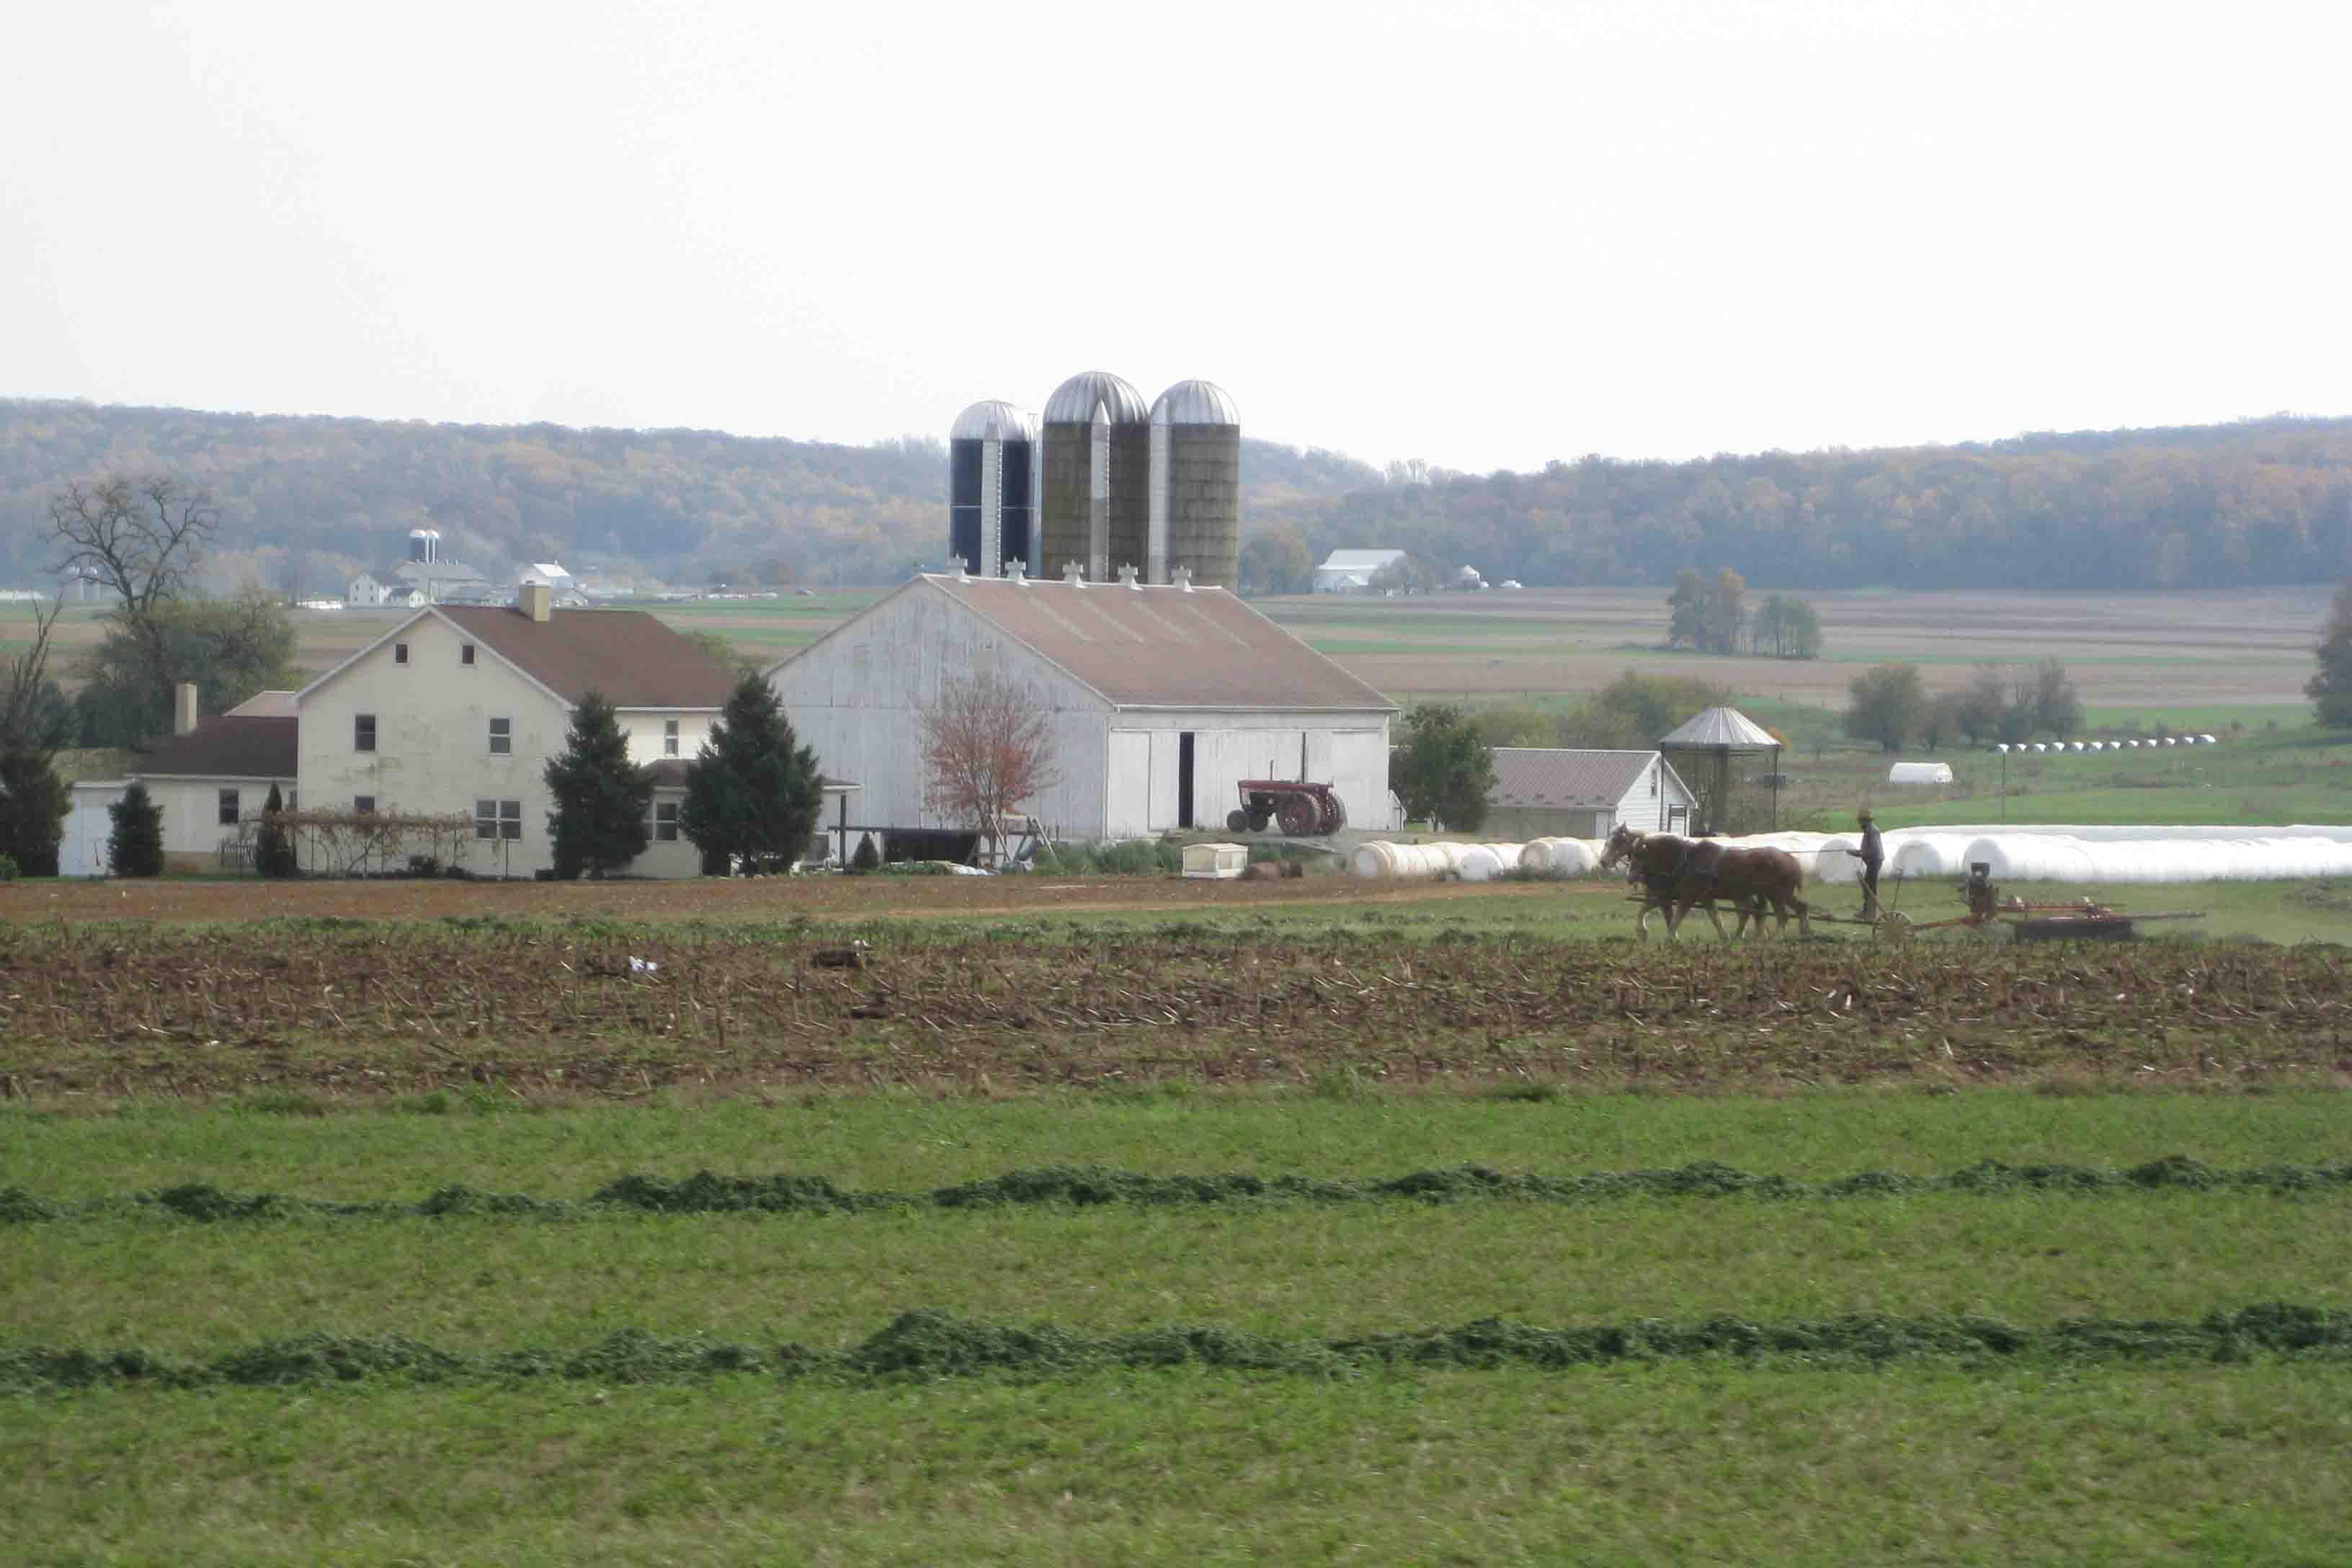 amish farmland in the Pennsylvania Dutch country